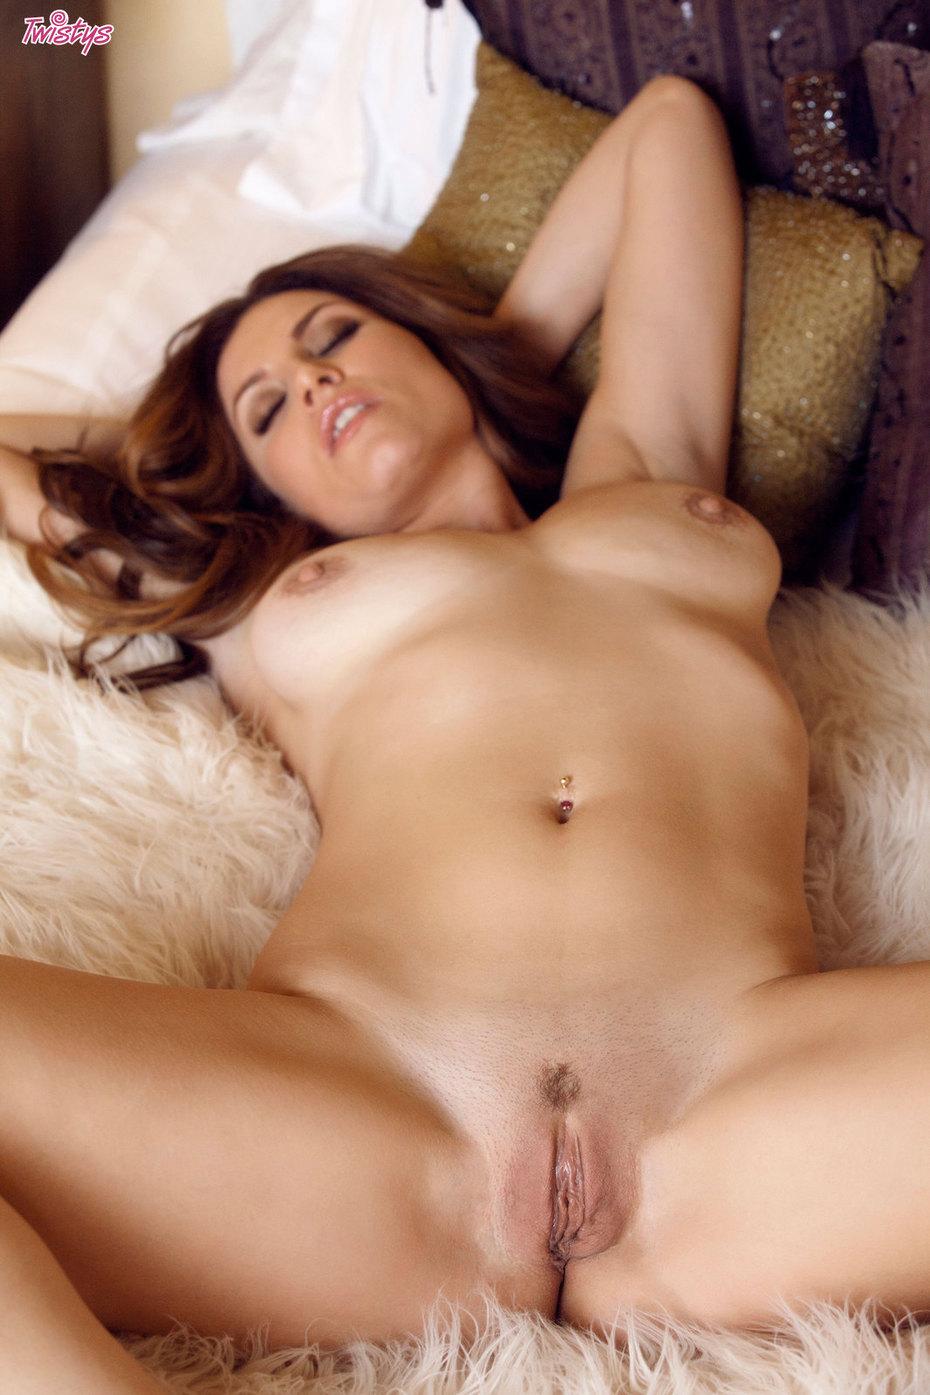 Dos lesbianas de tetas grandes y culos redondos - 2 part 1